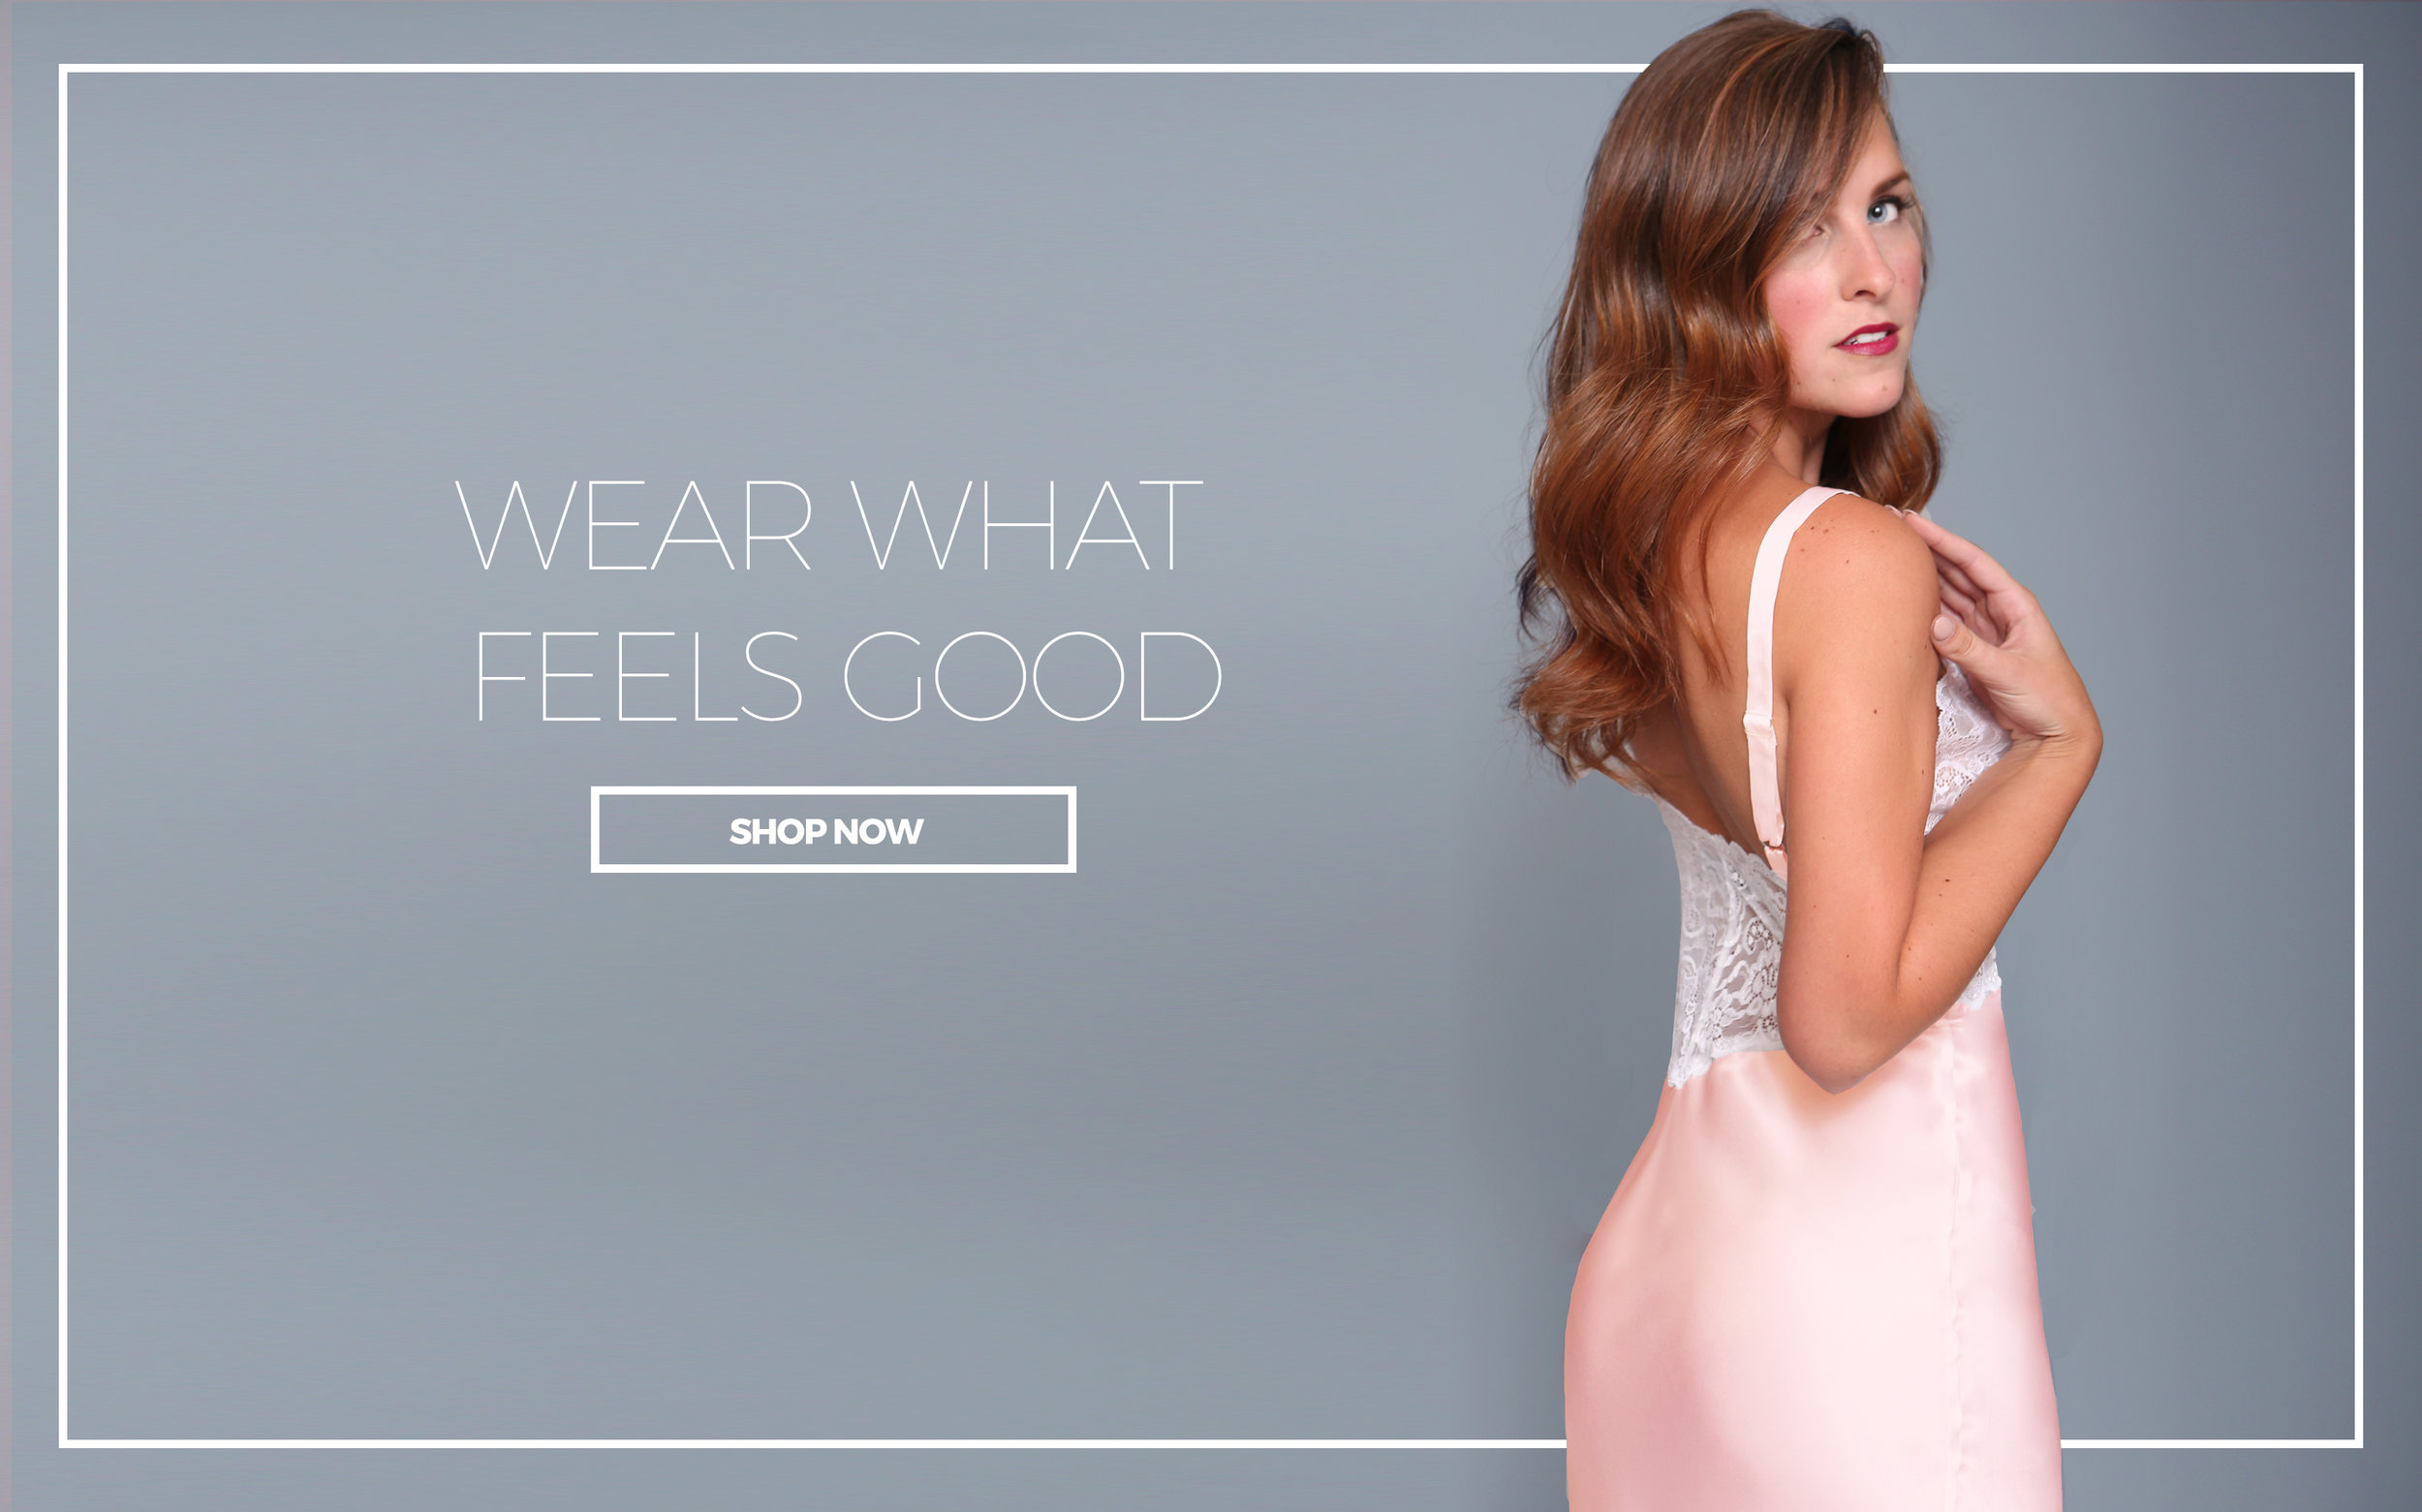 Wear what feels good - COLETTE.jpg